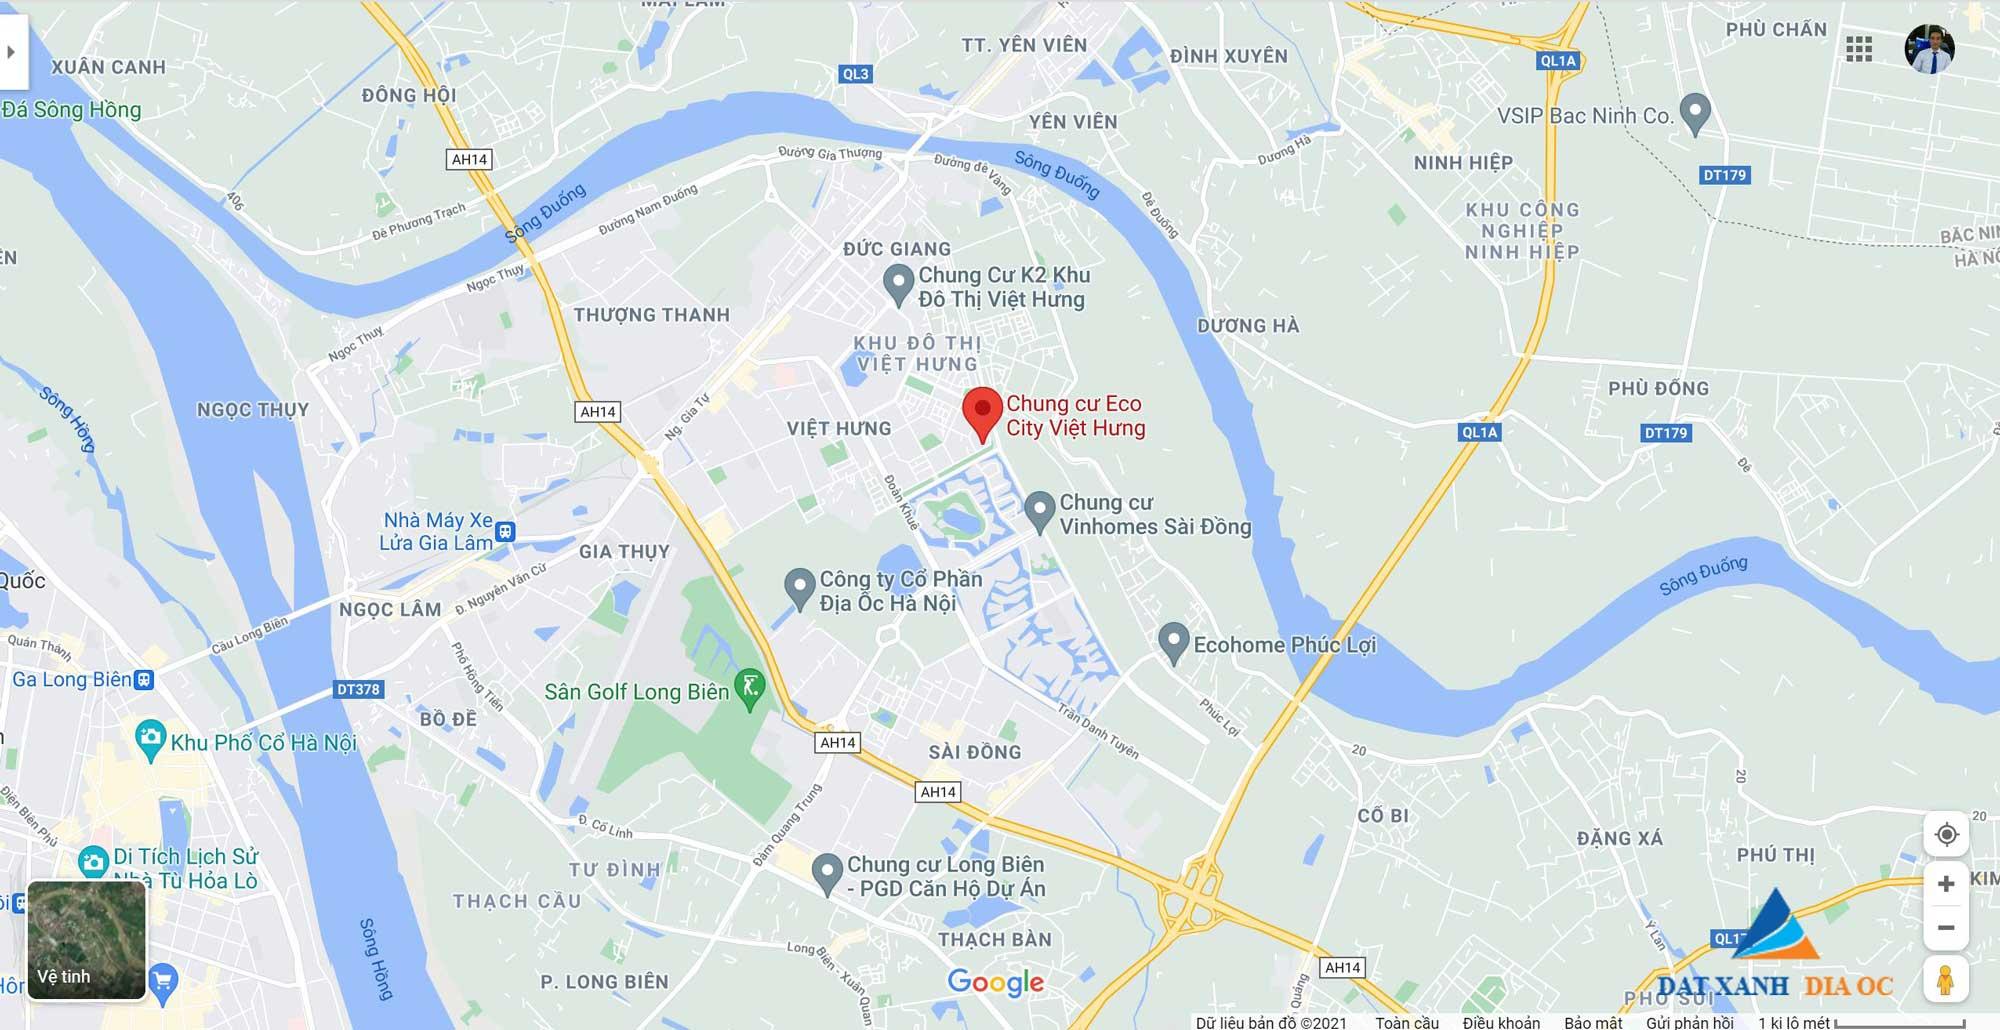 Vị trí thực tế Eco City Việt Hưng